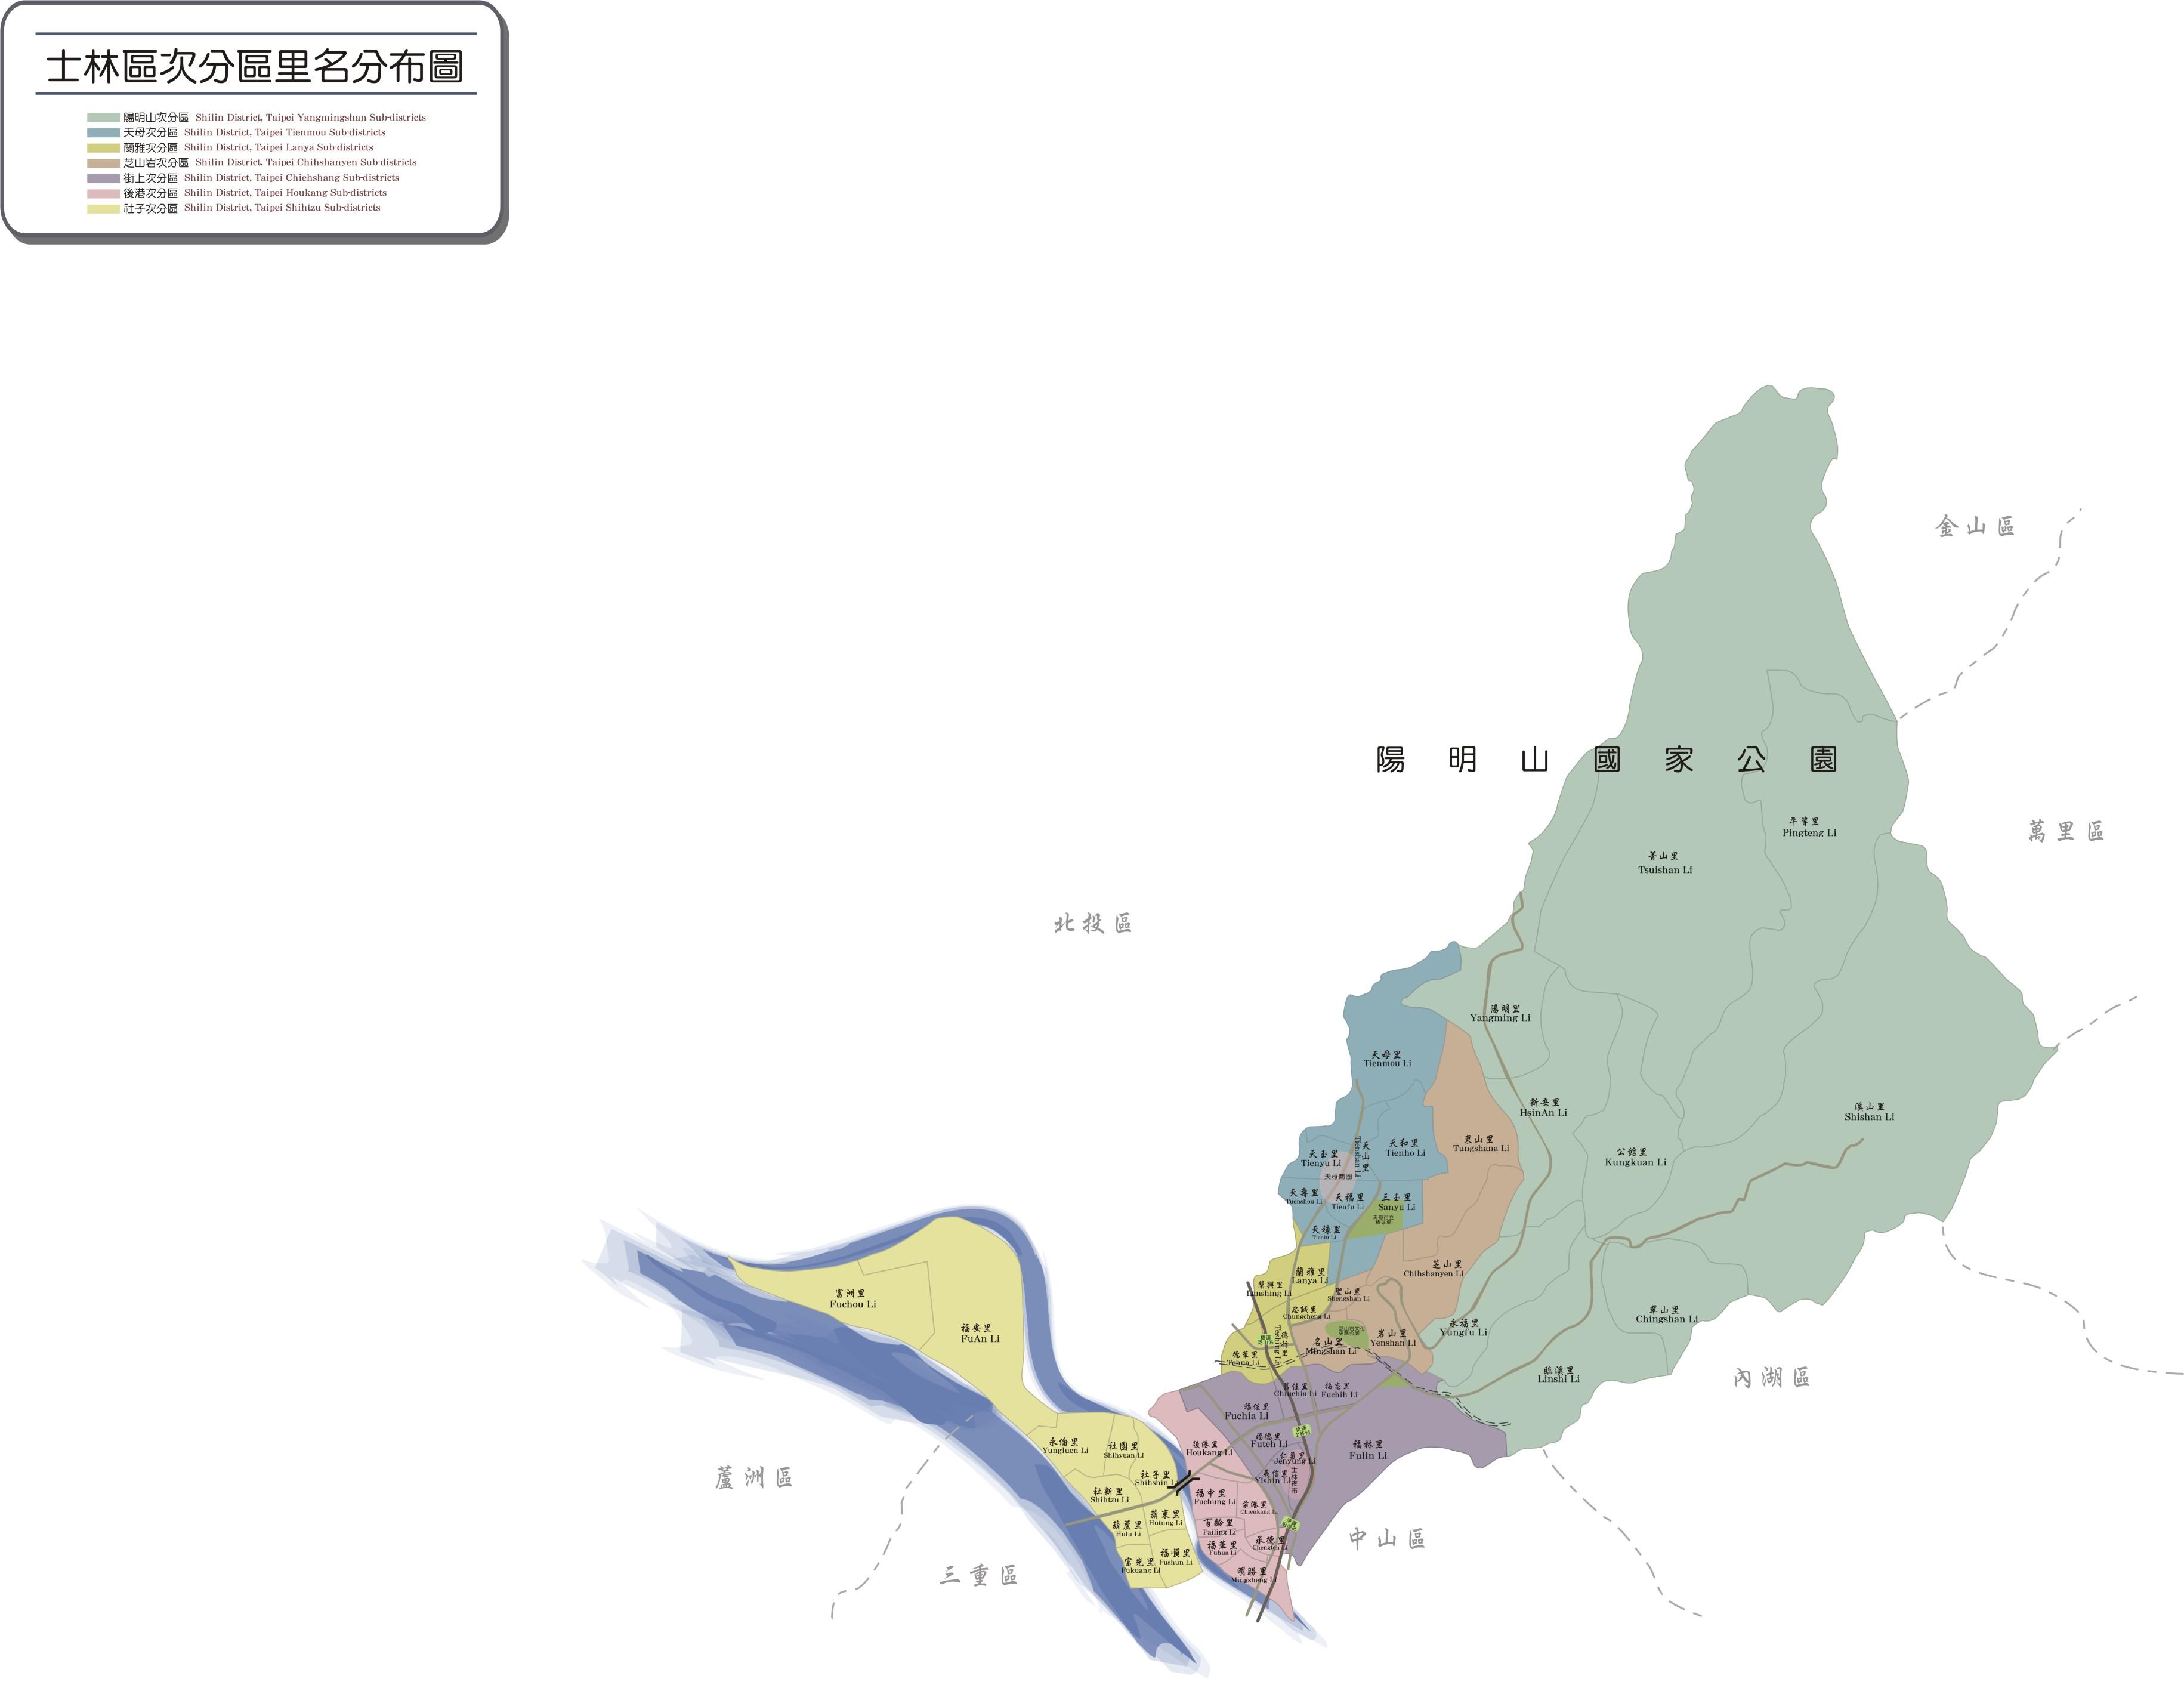 士林次分區里名分布圖